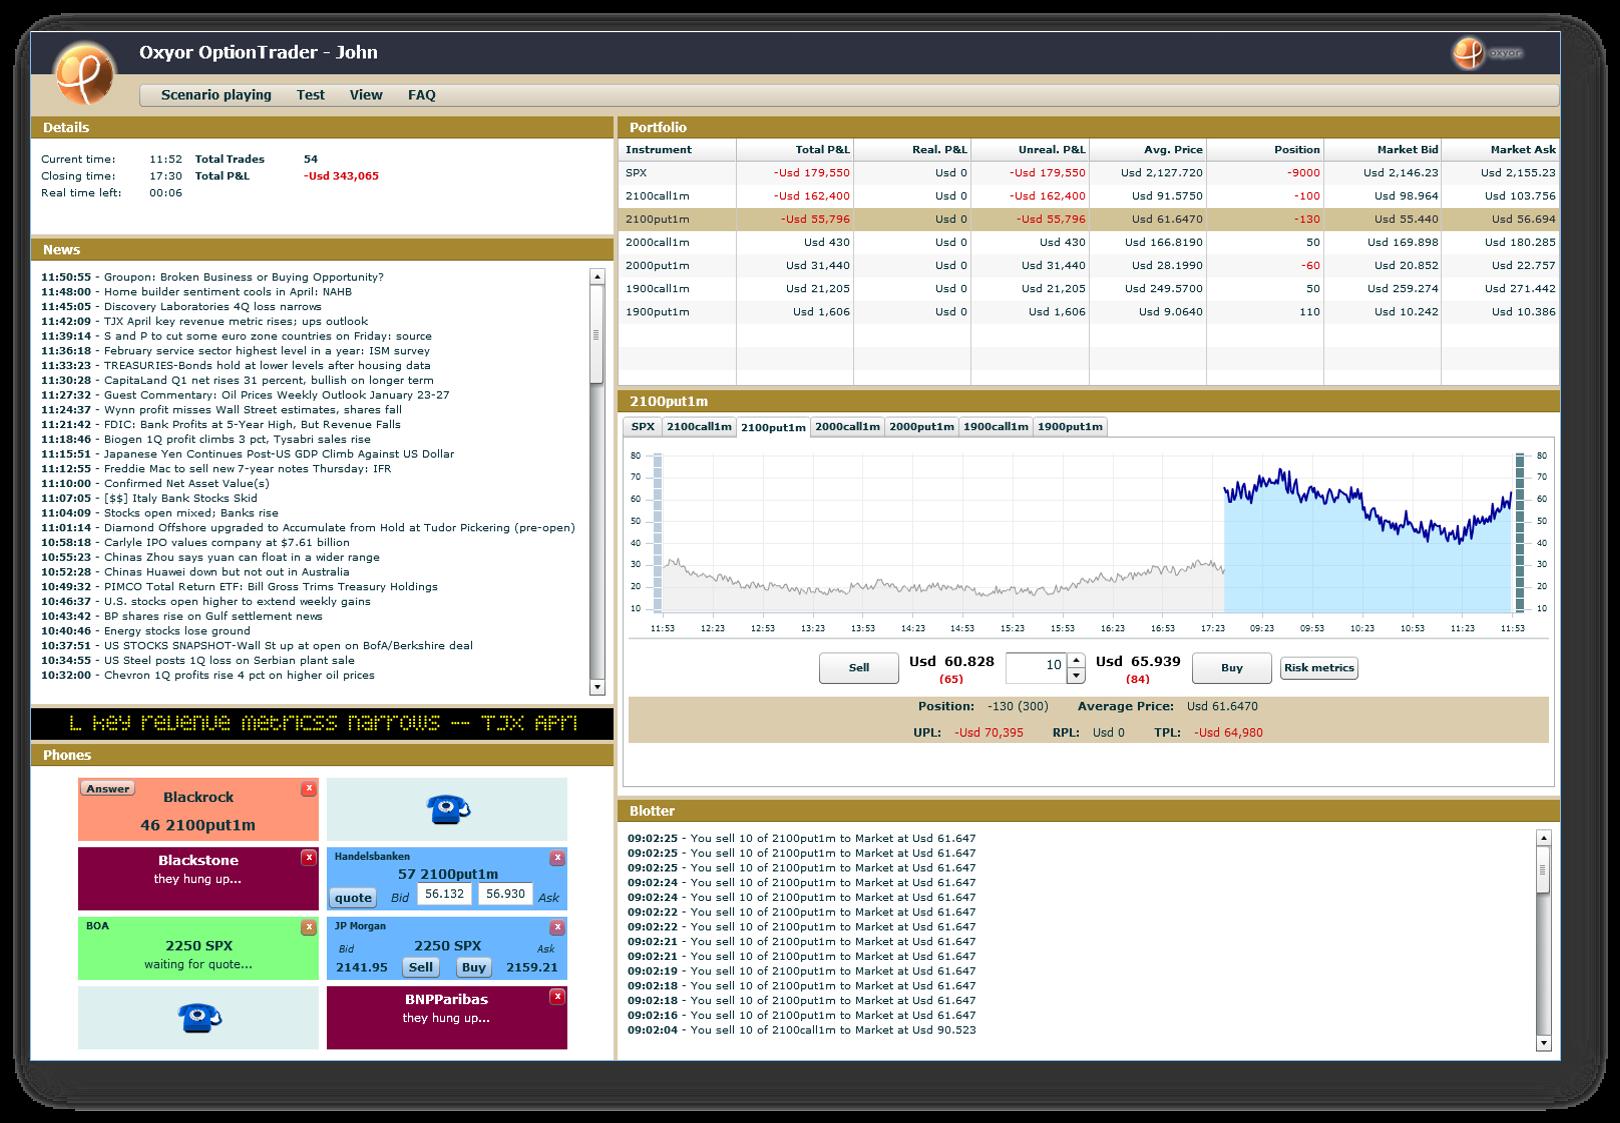 OptionTrader Screenshot- clientscreen.png